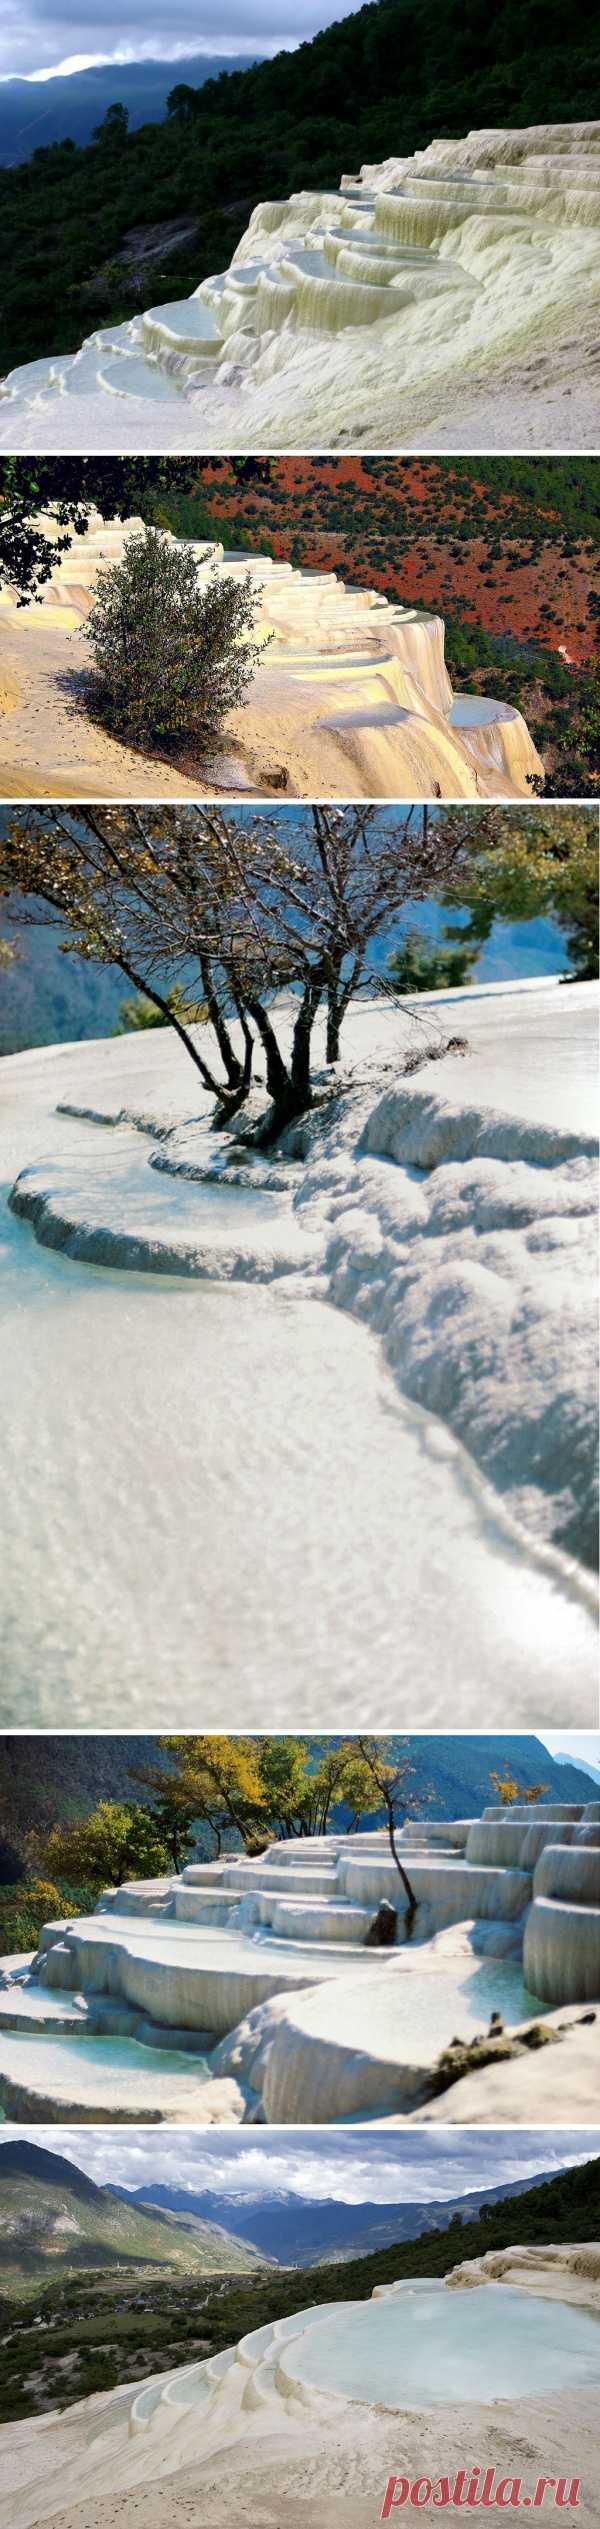 Террасы белой воды у Шангри-Ла, Китай